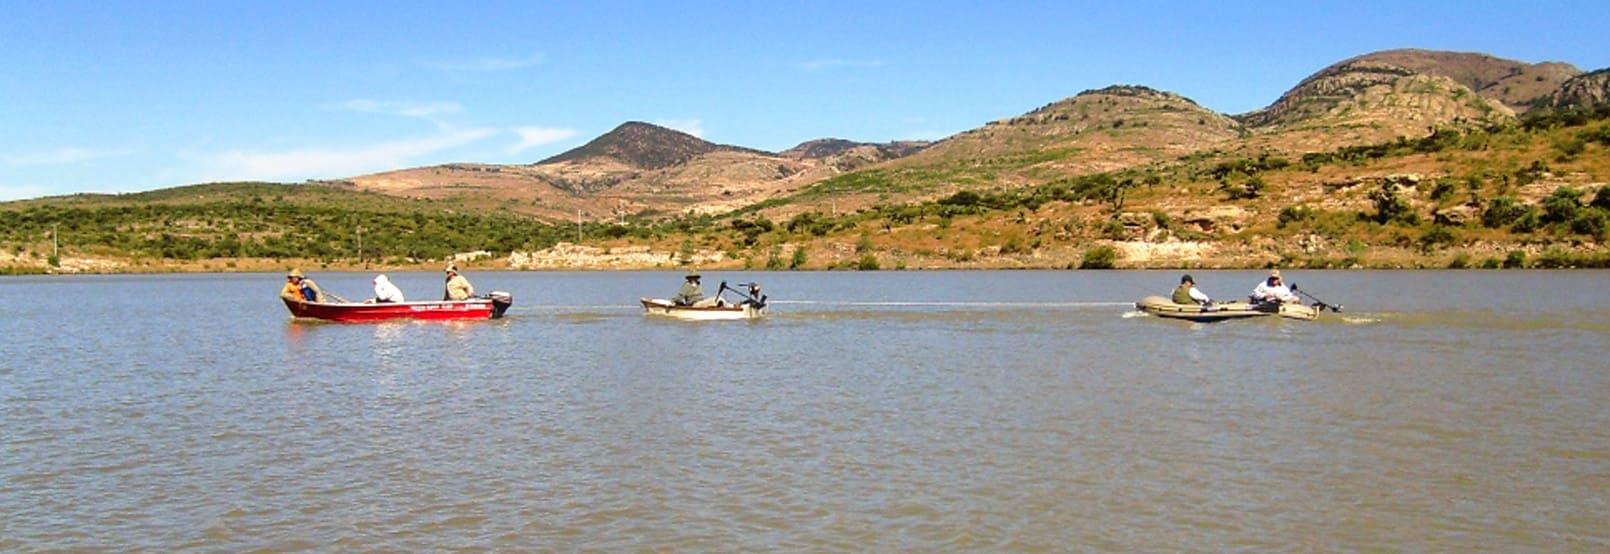 Fishing in Guanajuato